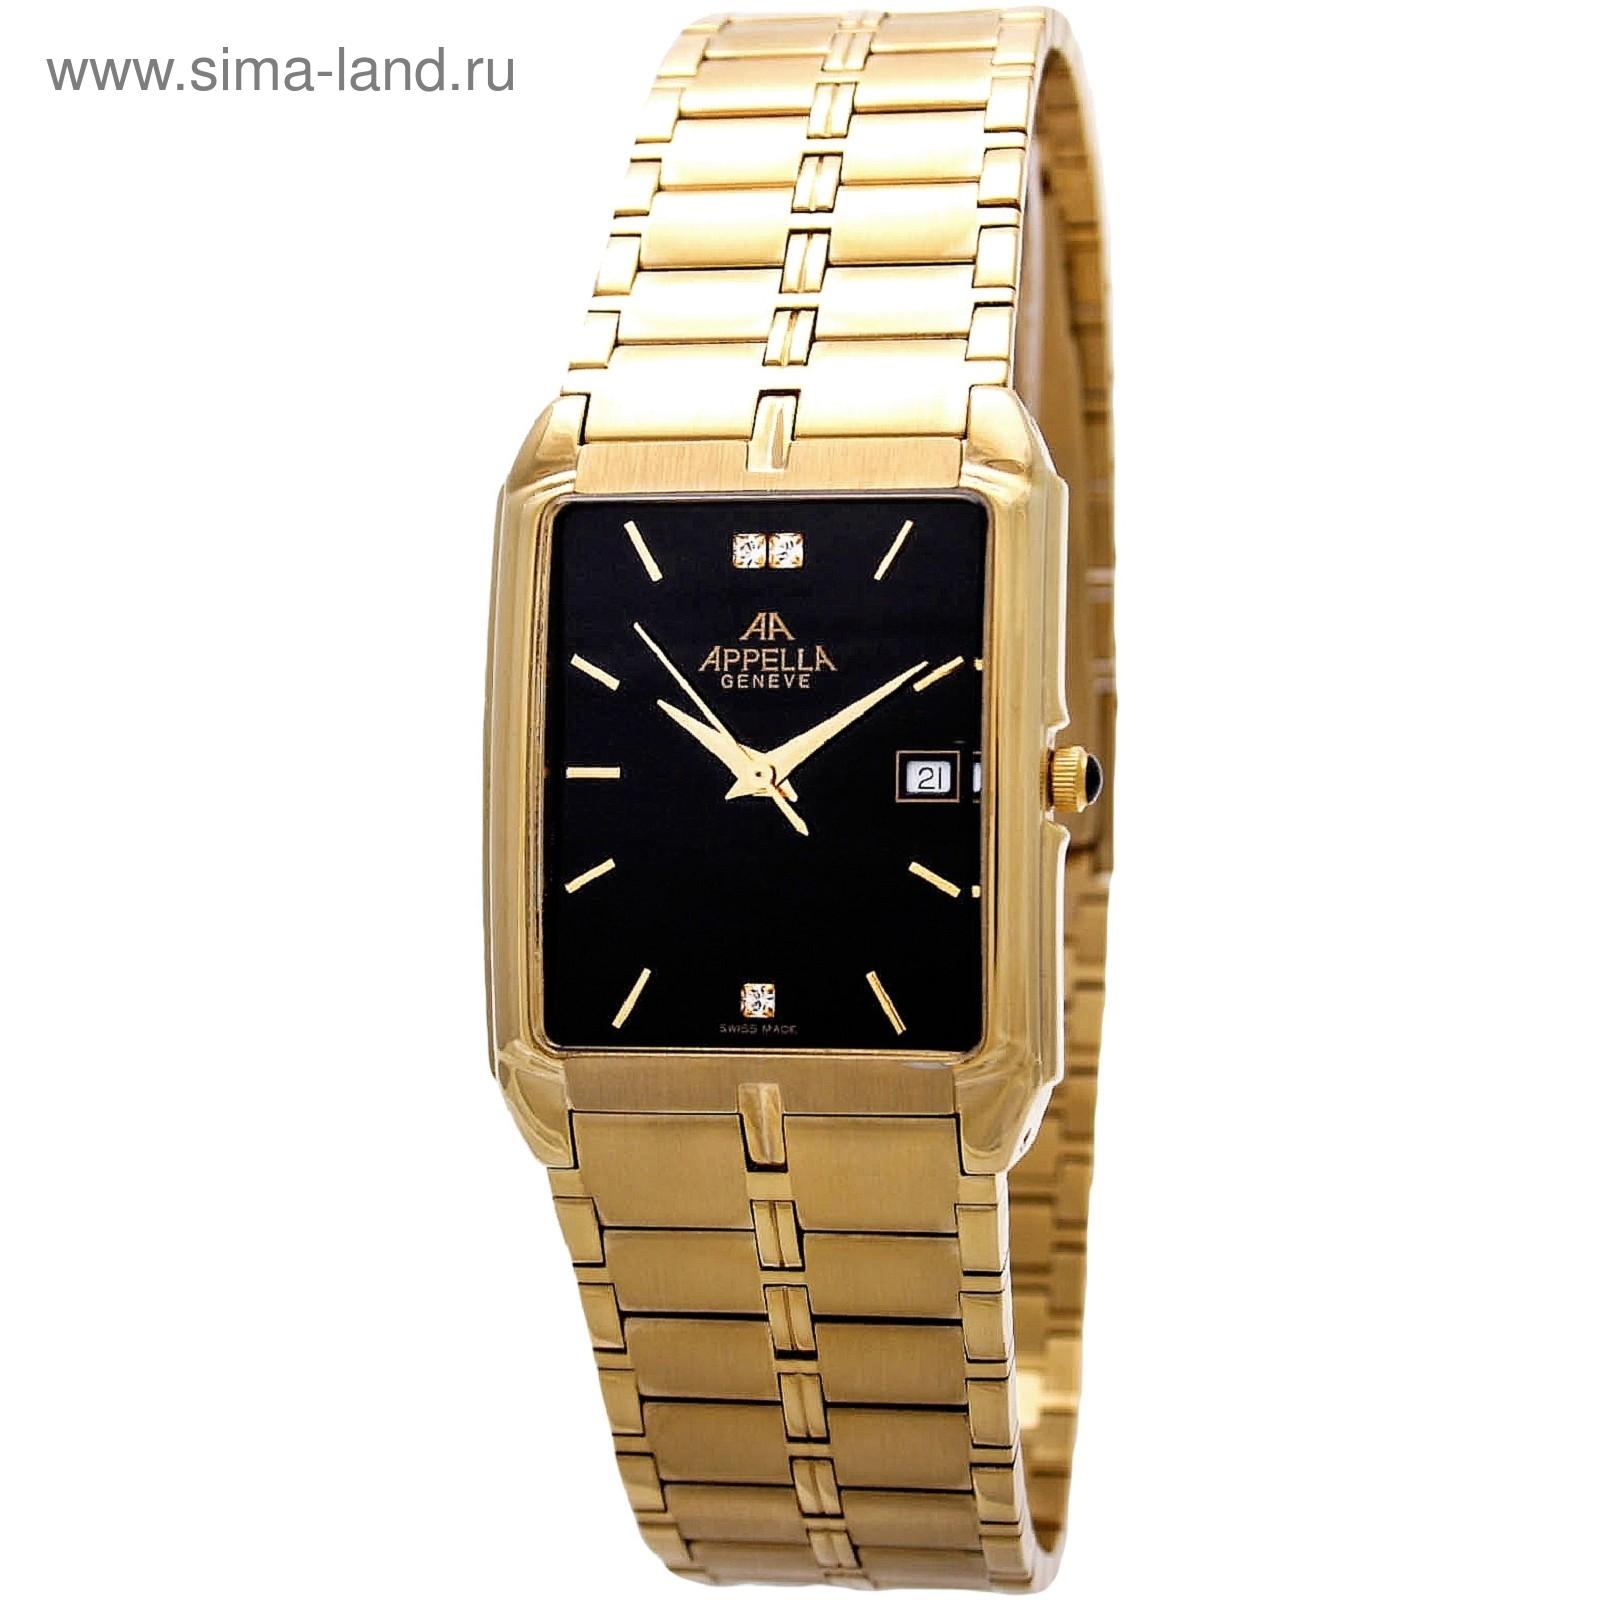 a80c4483 Часы наручные мужские механические Appella прямоугольной формы с календарем